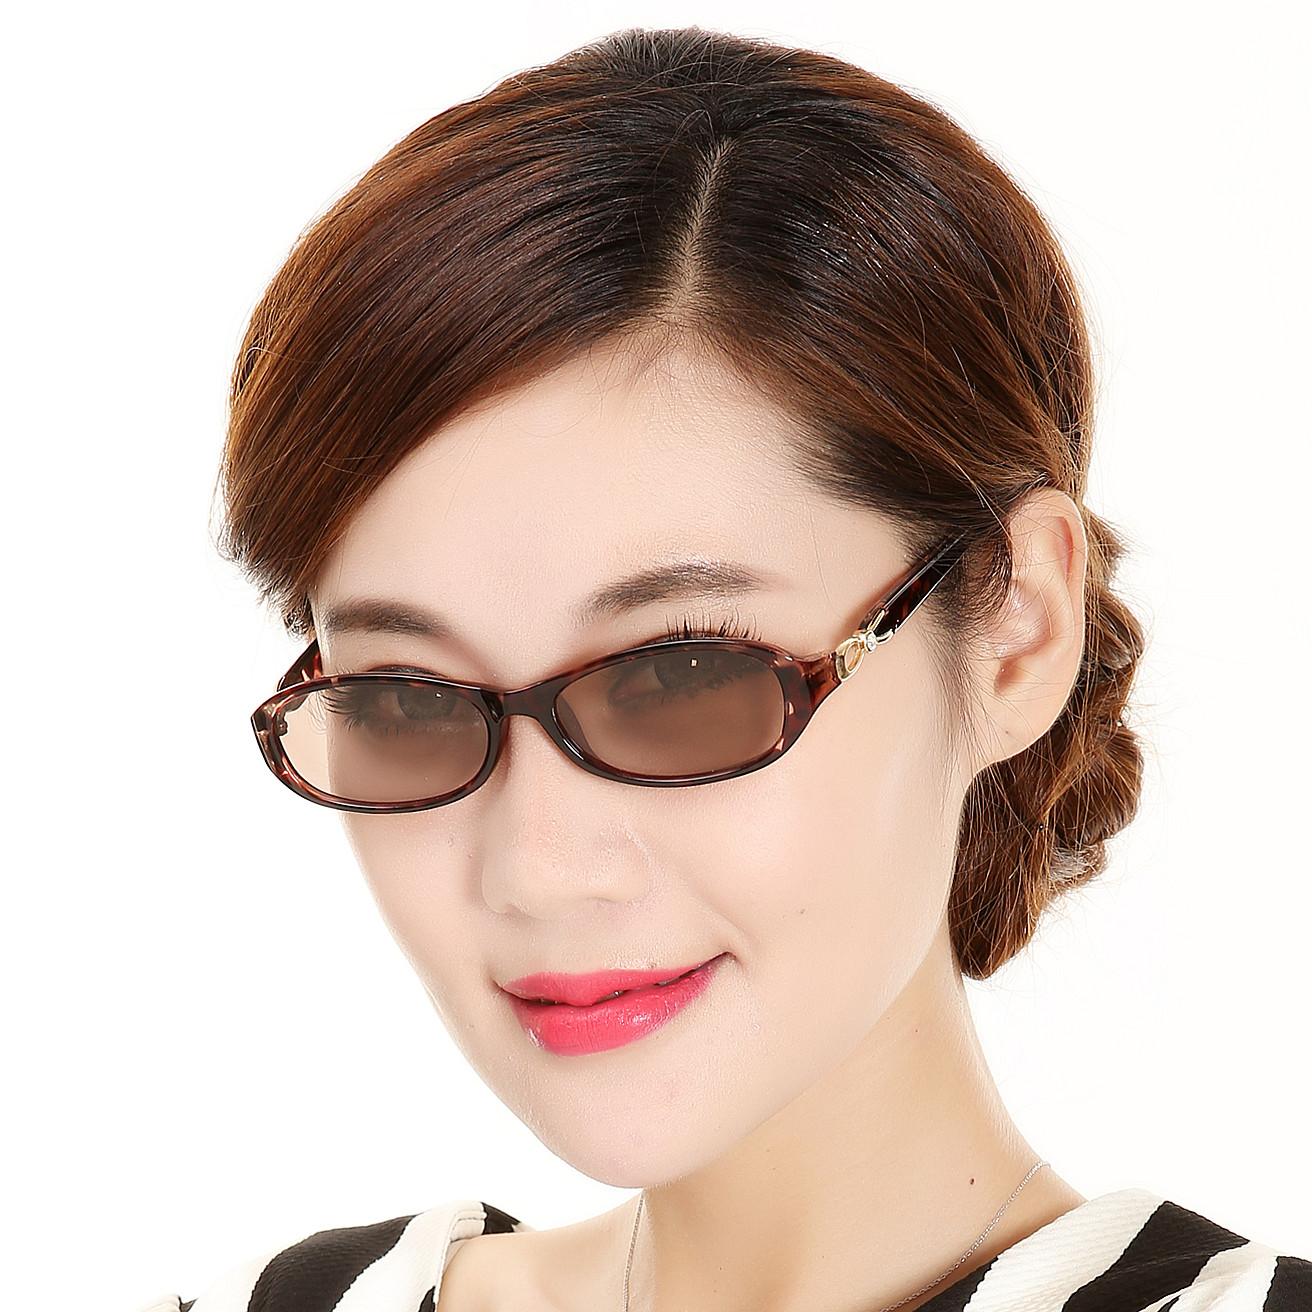 水晶眼镜女士人造水晶石太阳镜中老年妈妈遮阳墨镜清凉石头镜小脸